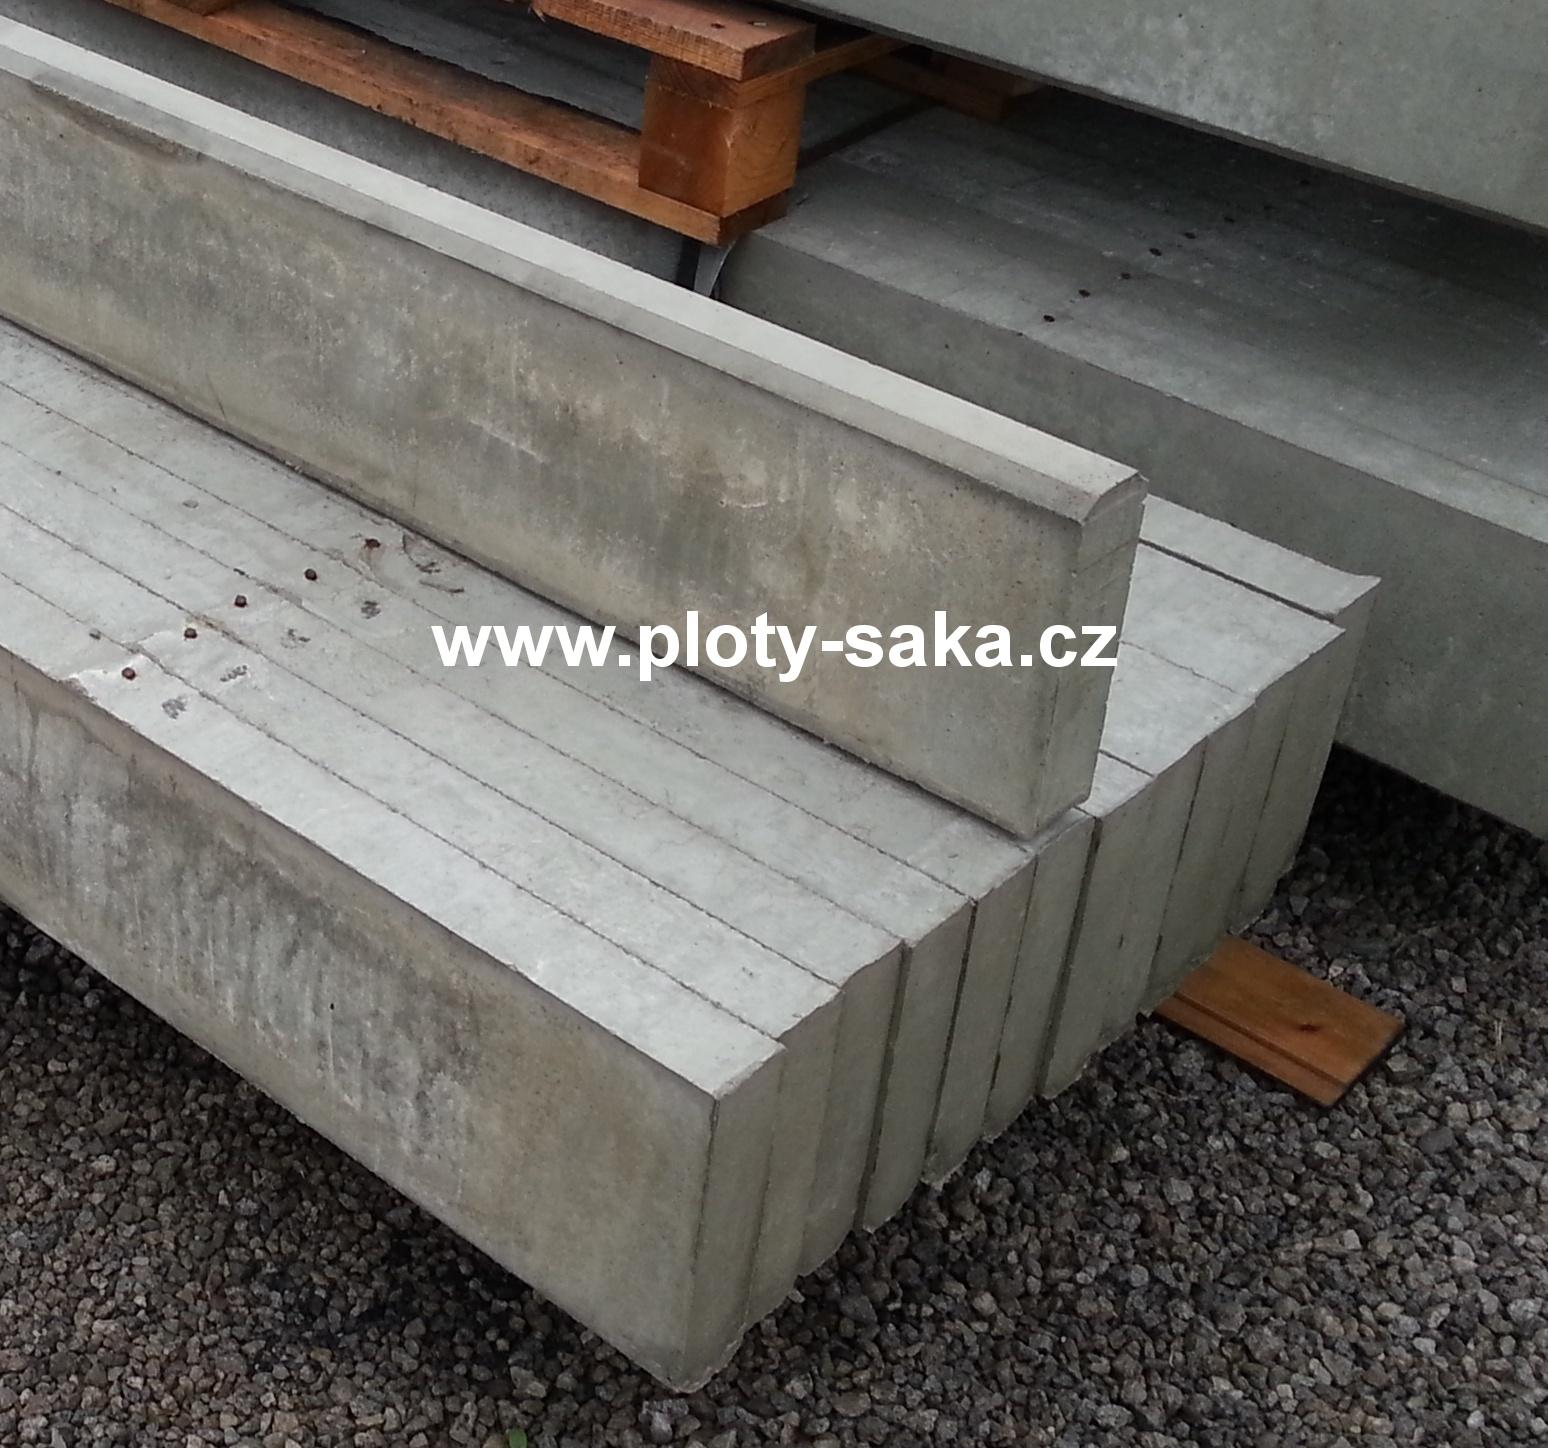 Podhrabová deska - 2000x200x50 mm